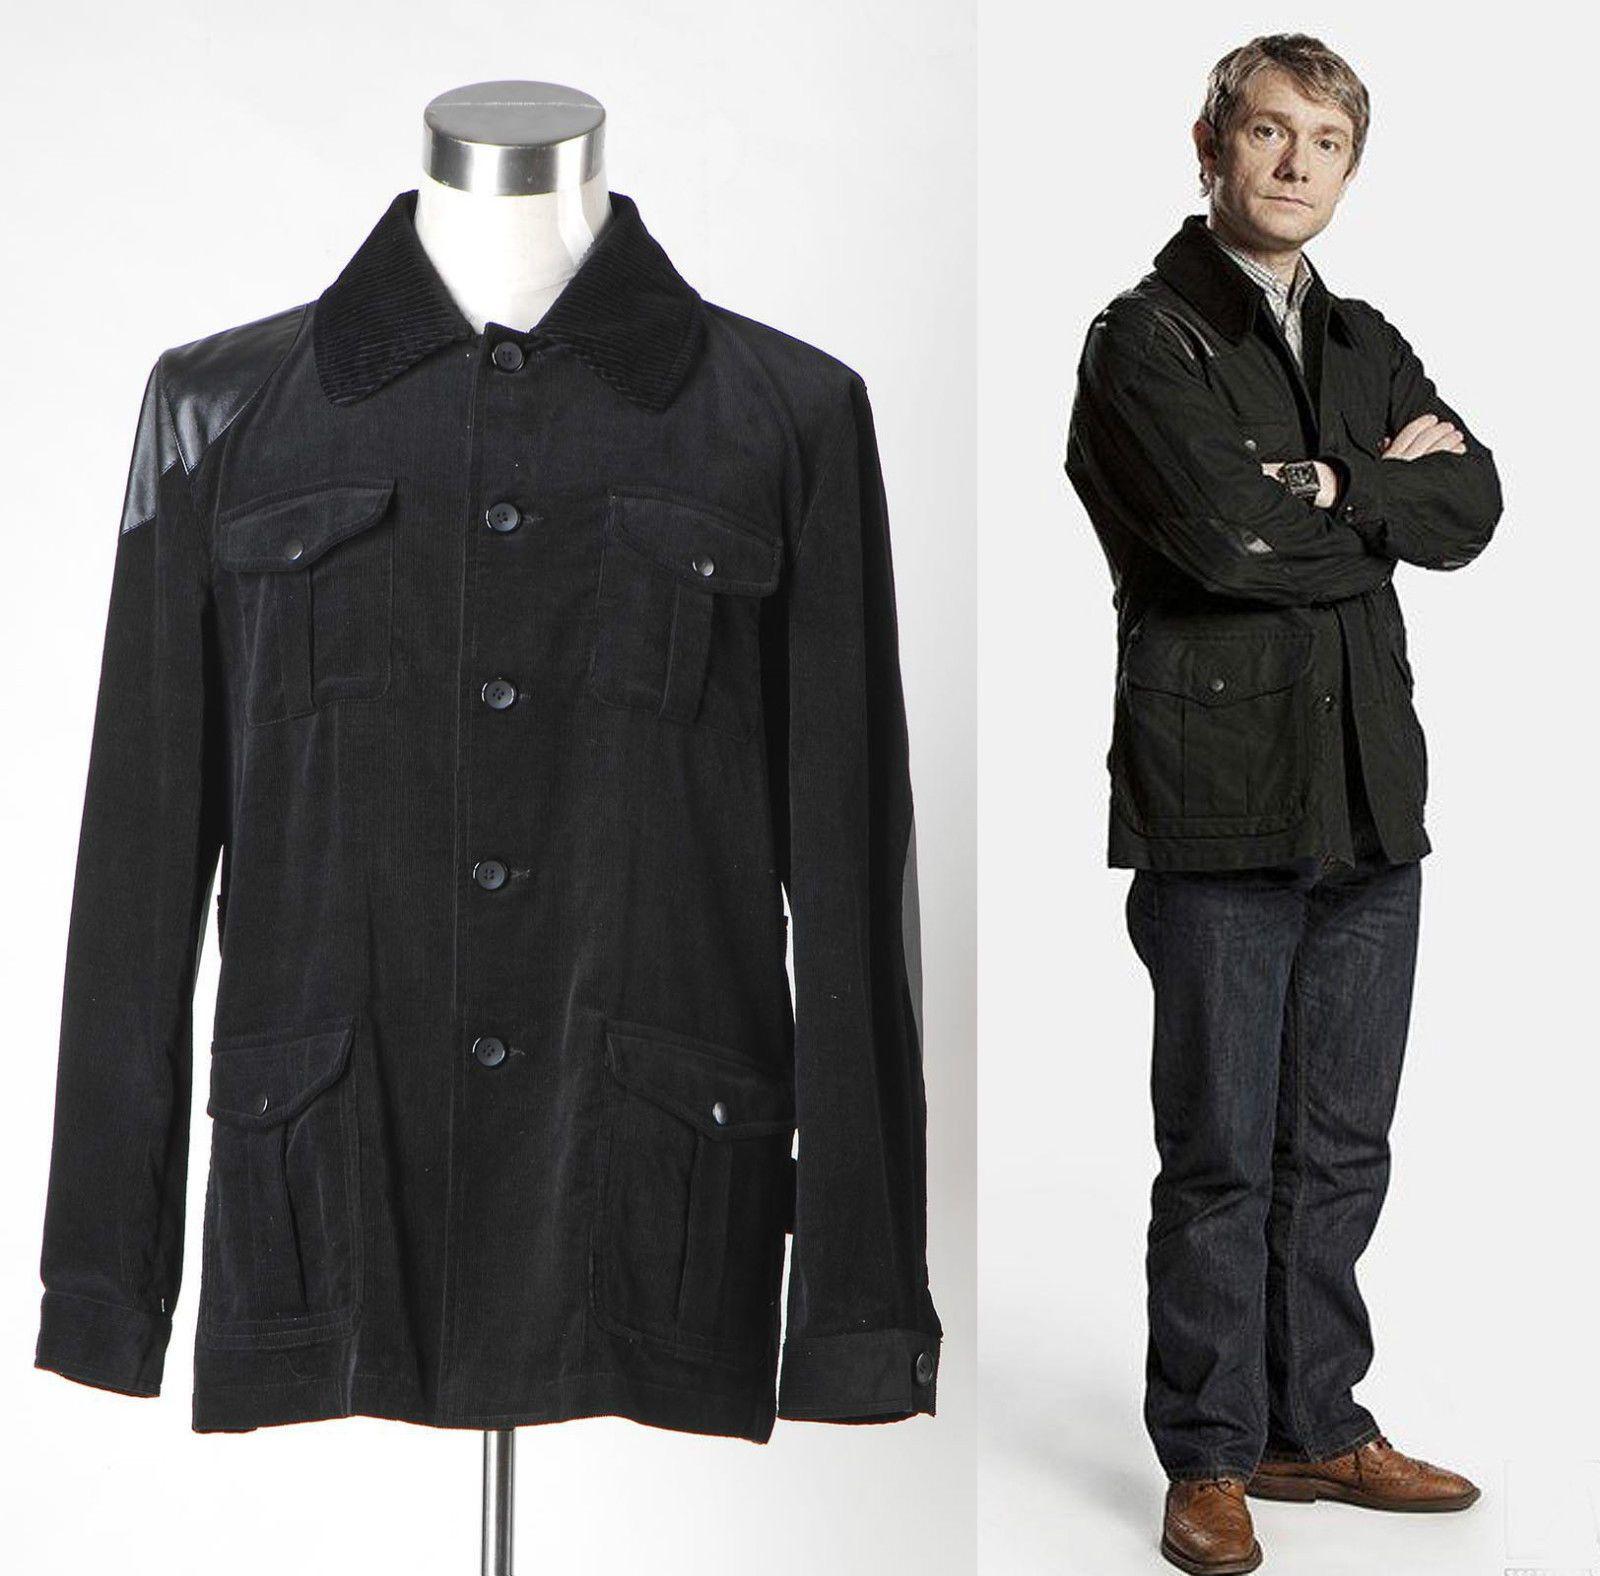 John Watson Sherlock Bbc Outfit